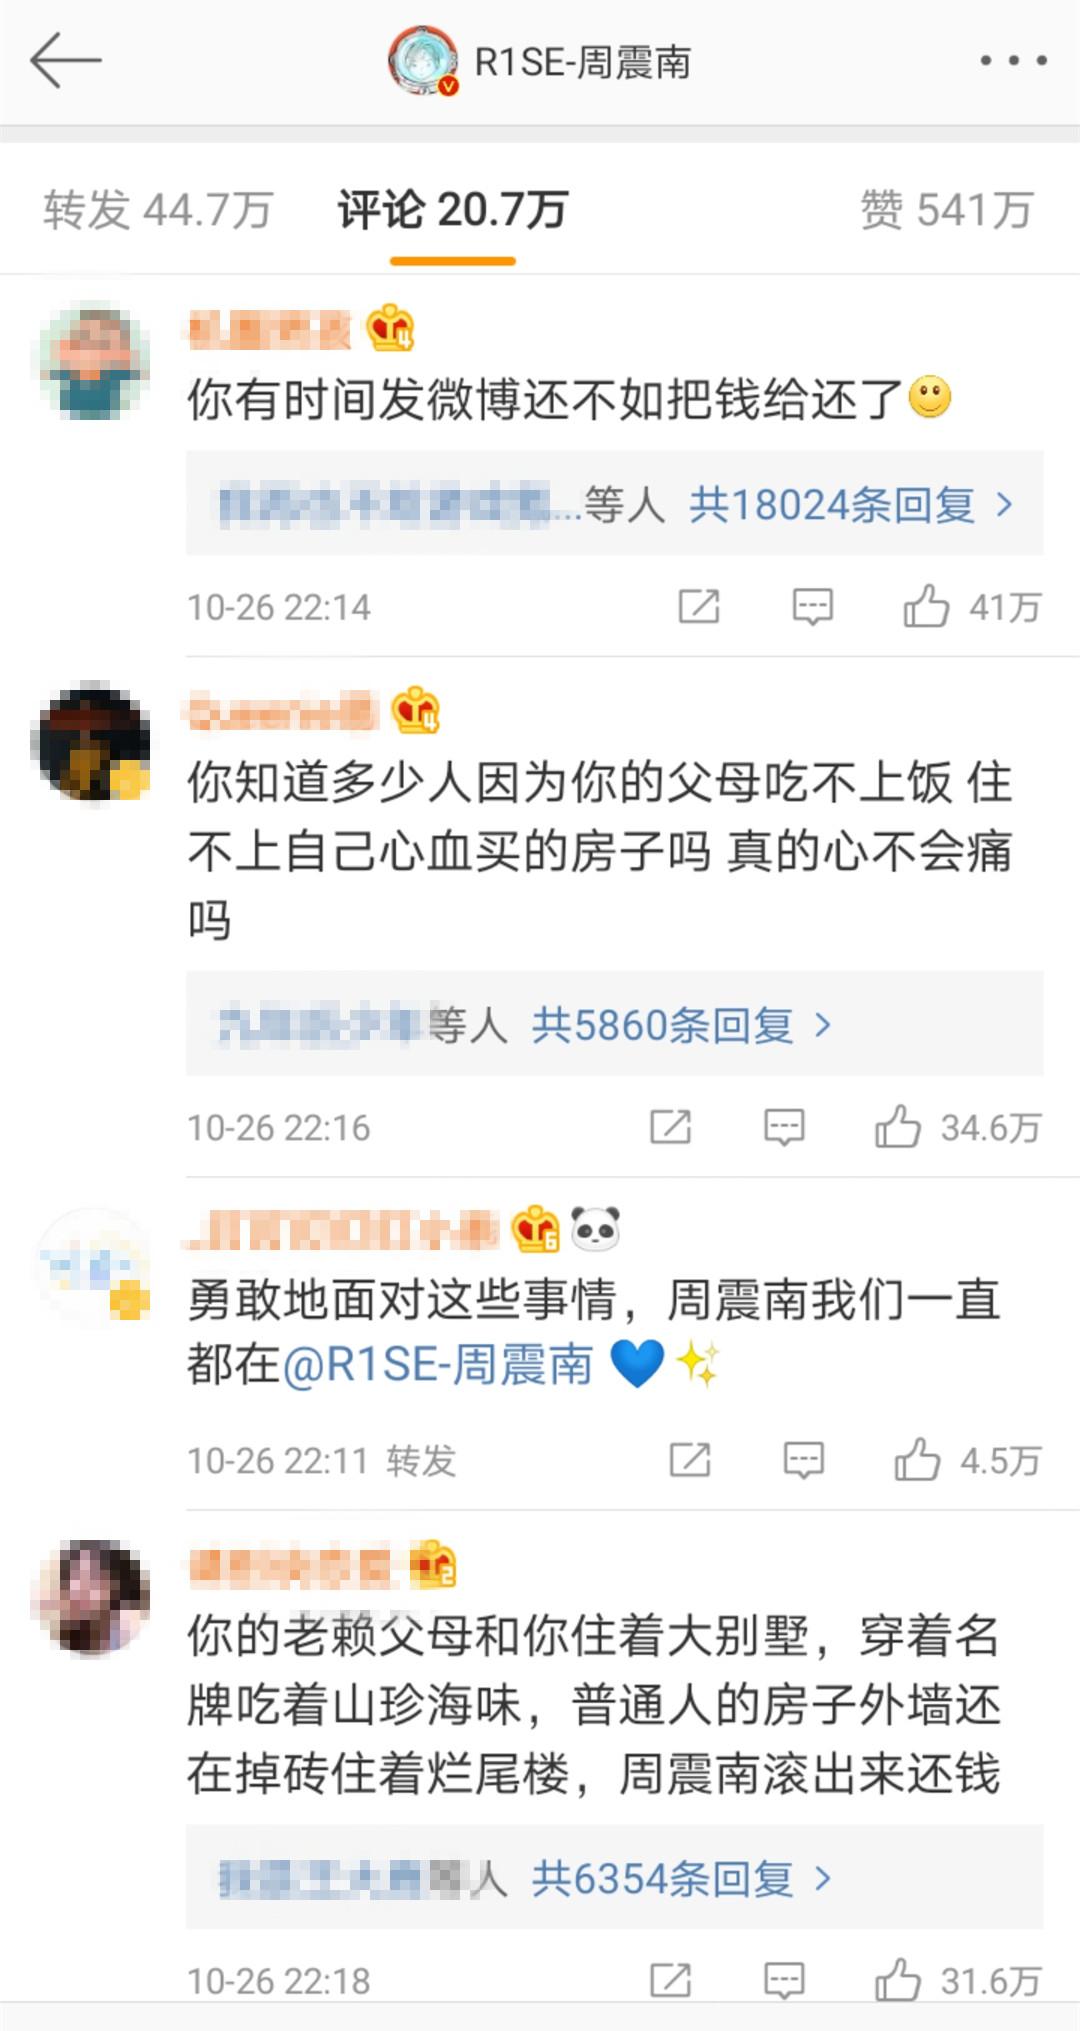 周震南道歉微博的评论区前排